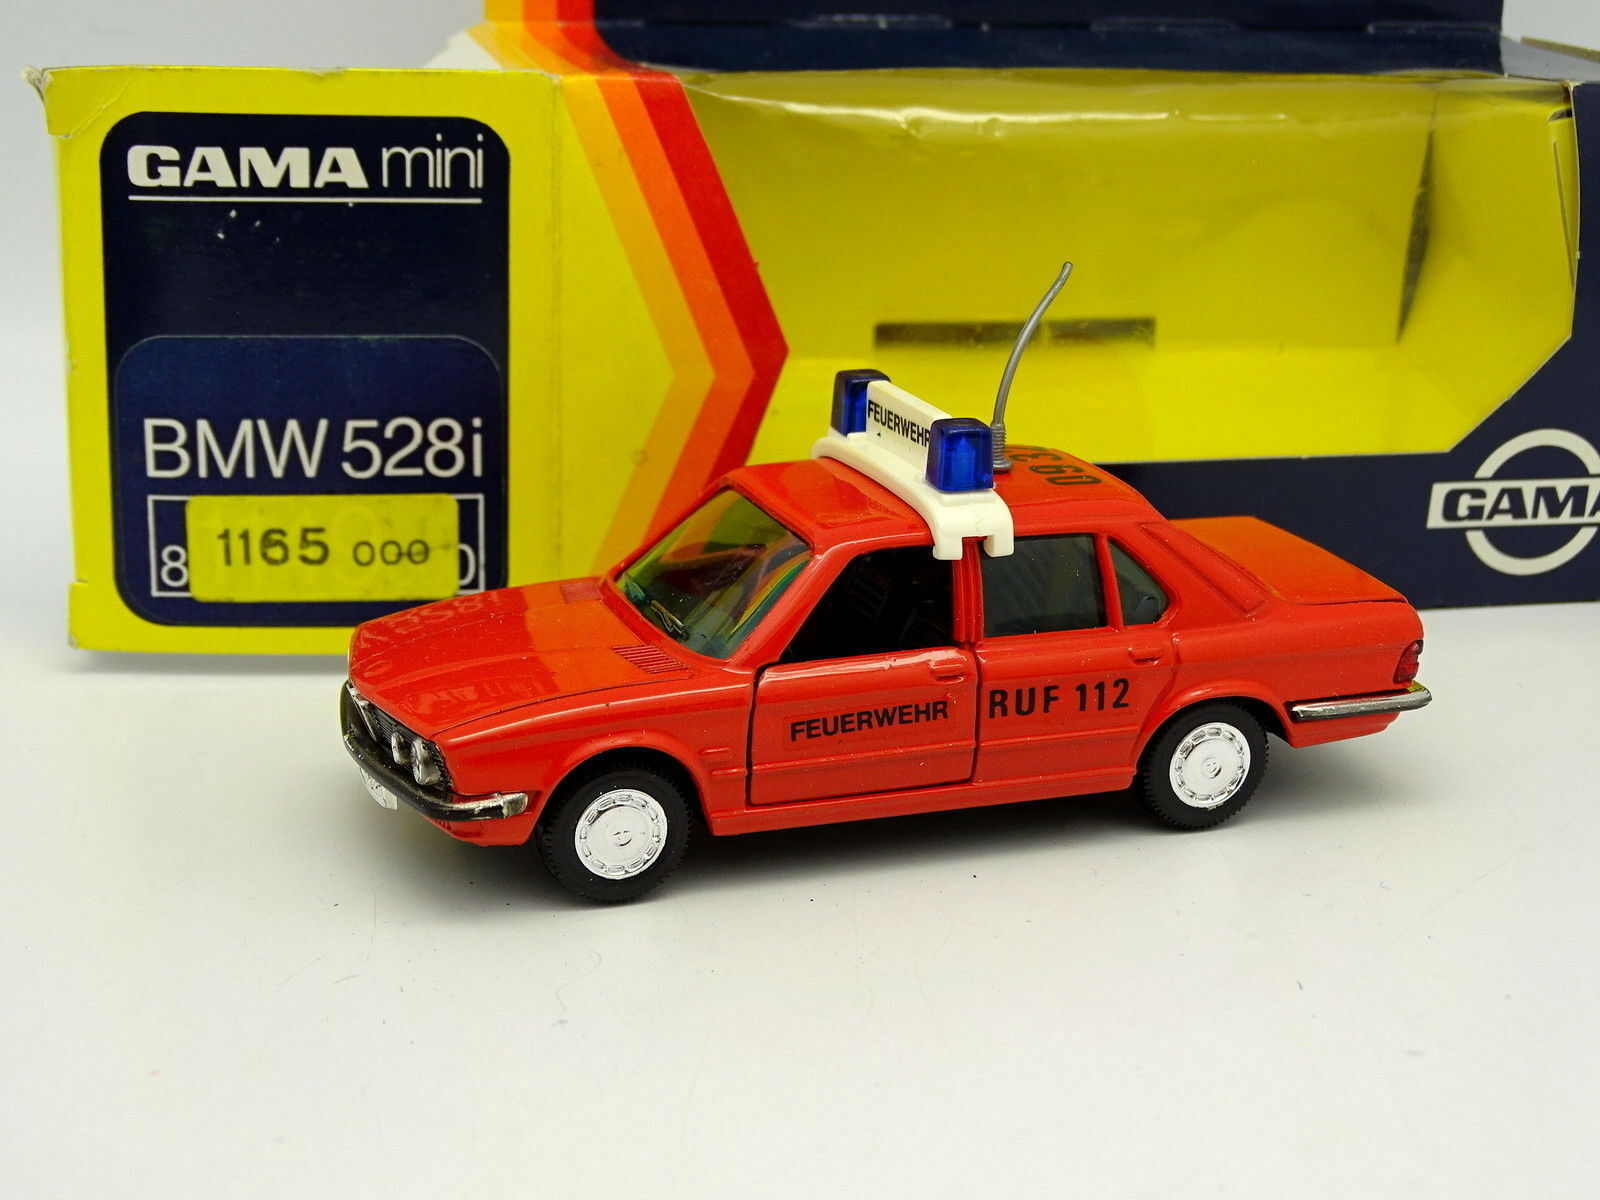 Gama 1 1 1 43 - BMW 528 I Feuerwehr bd4721